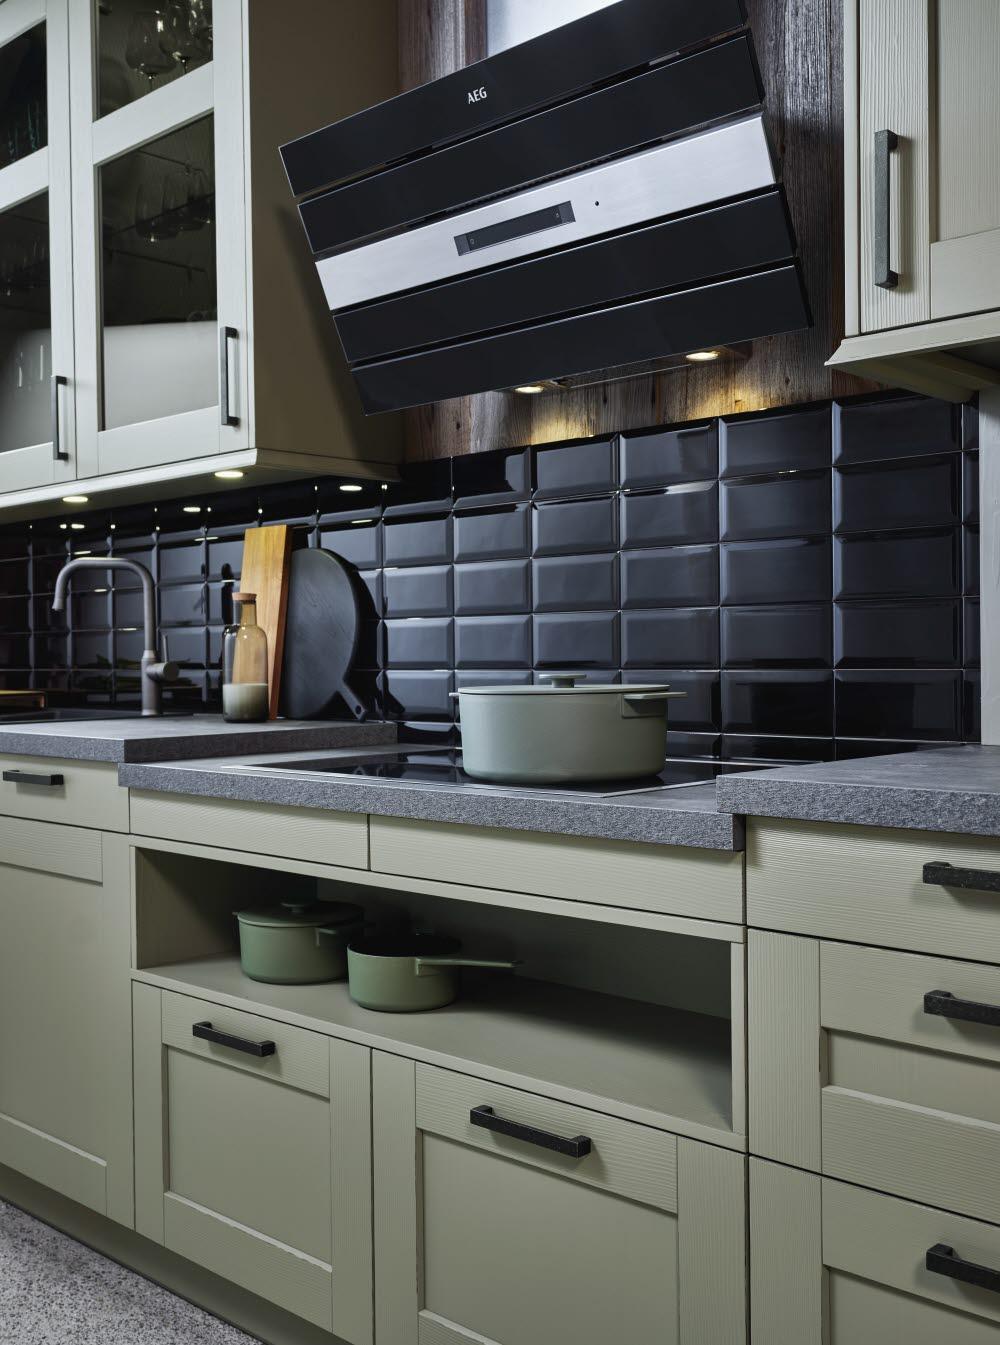 Full Size of Holzkche Auffrischen Landhausstil Streichen Welche Farbe Neu Holzküche Massivholzküche Vollholzküche Wohnzimmer Holzküche Auffrischen